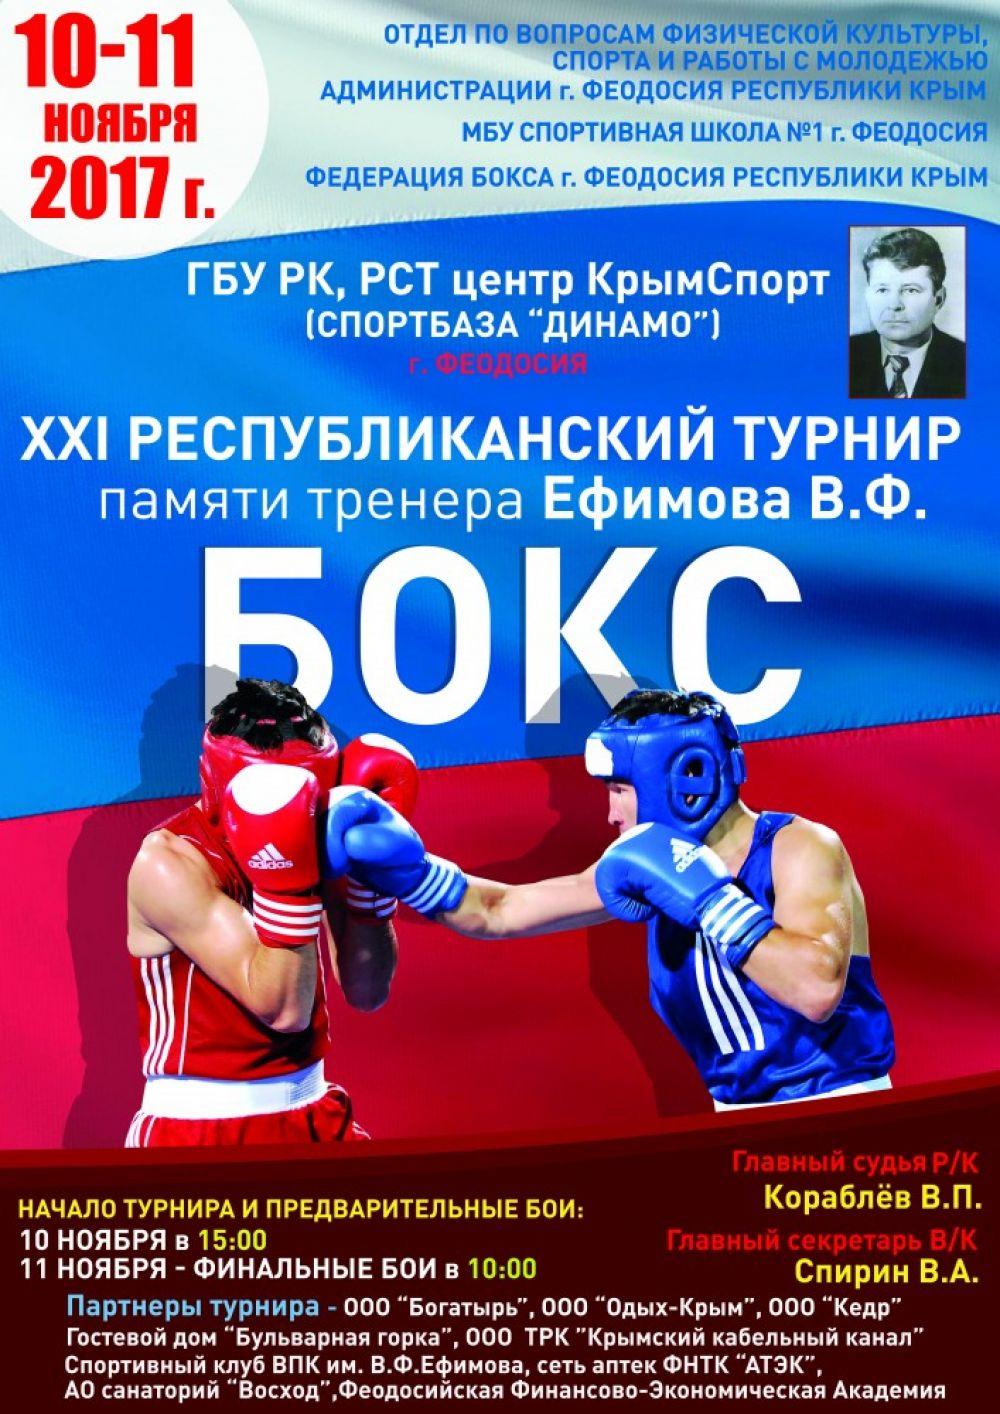 Юные боксеры Крыма съедутся в Феодосию